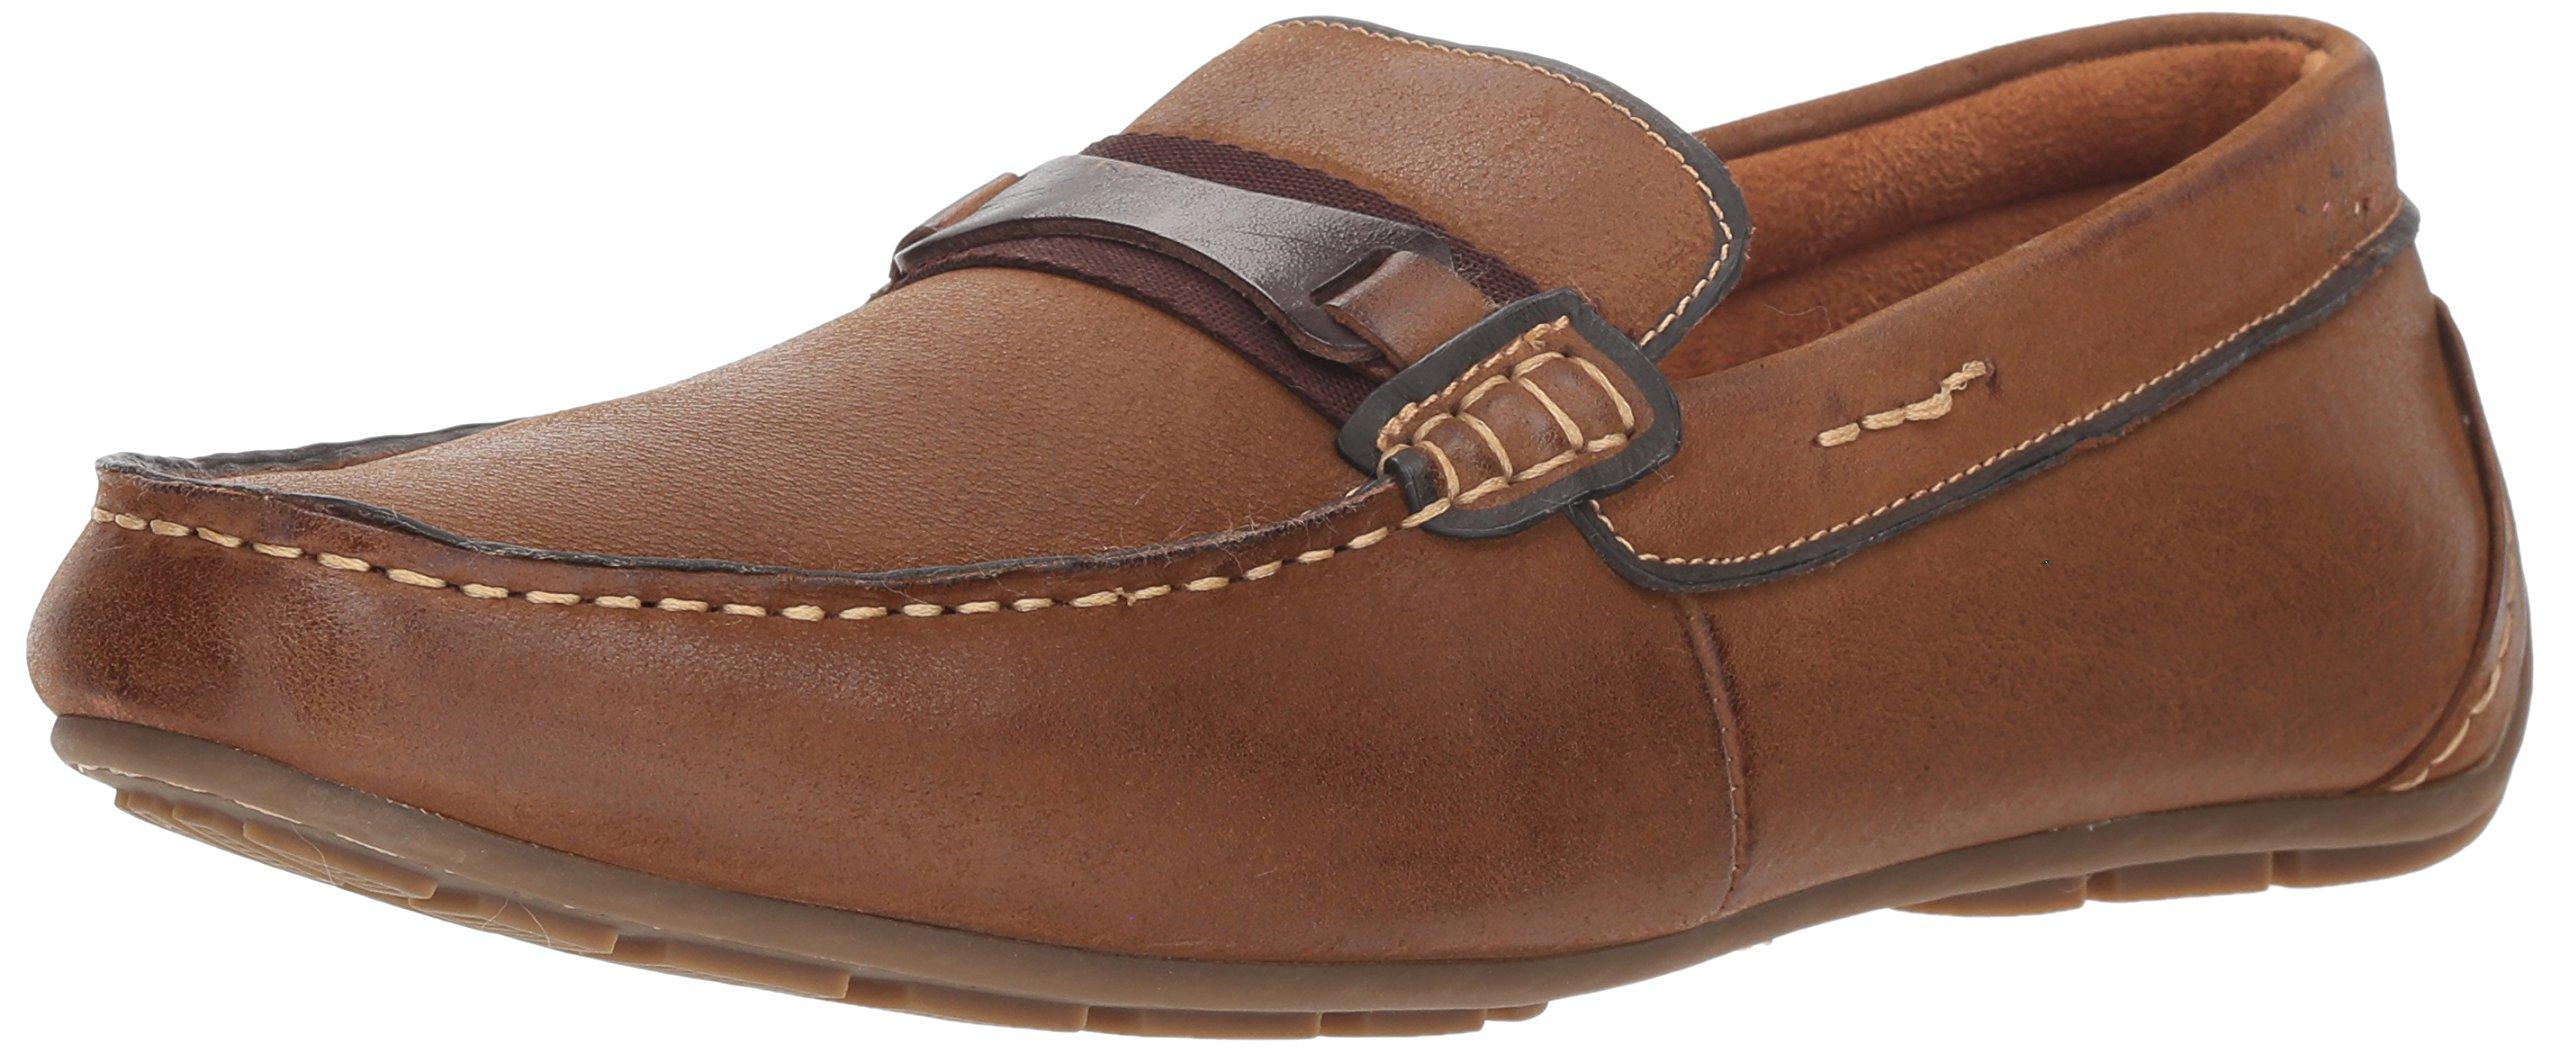 Steve Madden Men's Garter Loafer, Dark Tan, 13 M US